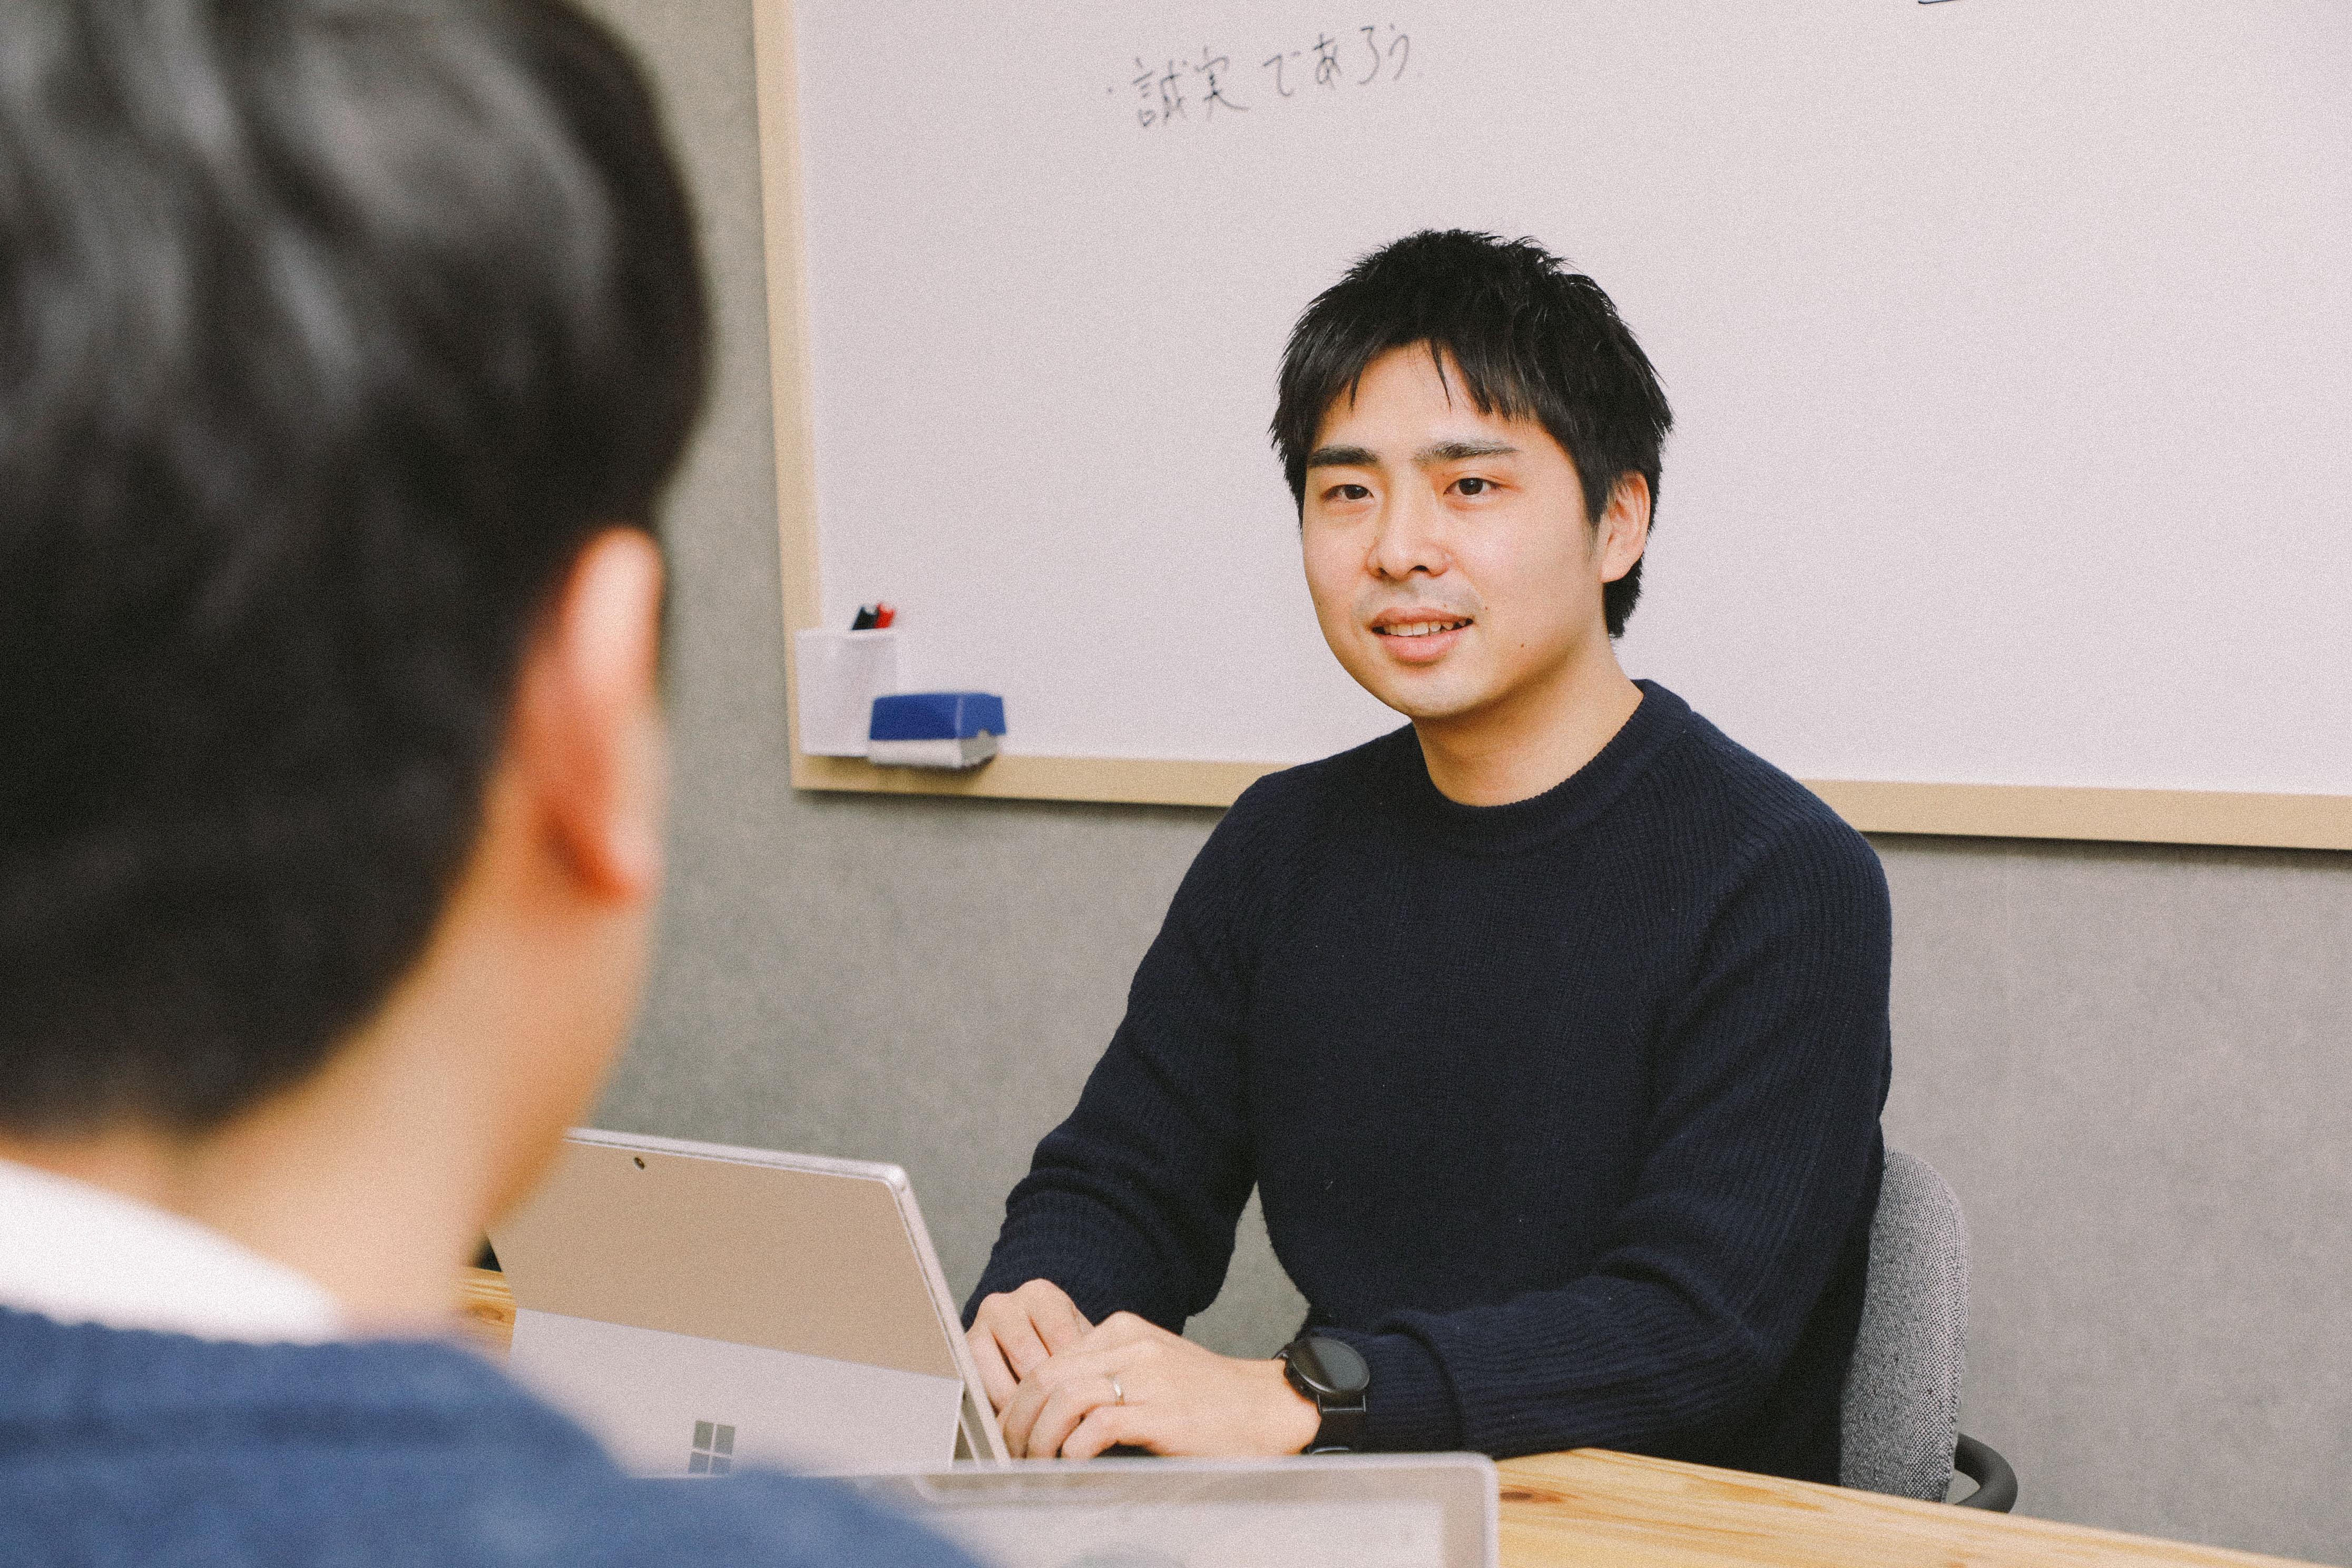 55_人事マネジャー候補(正社員)